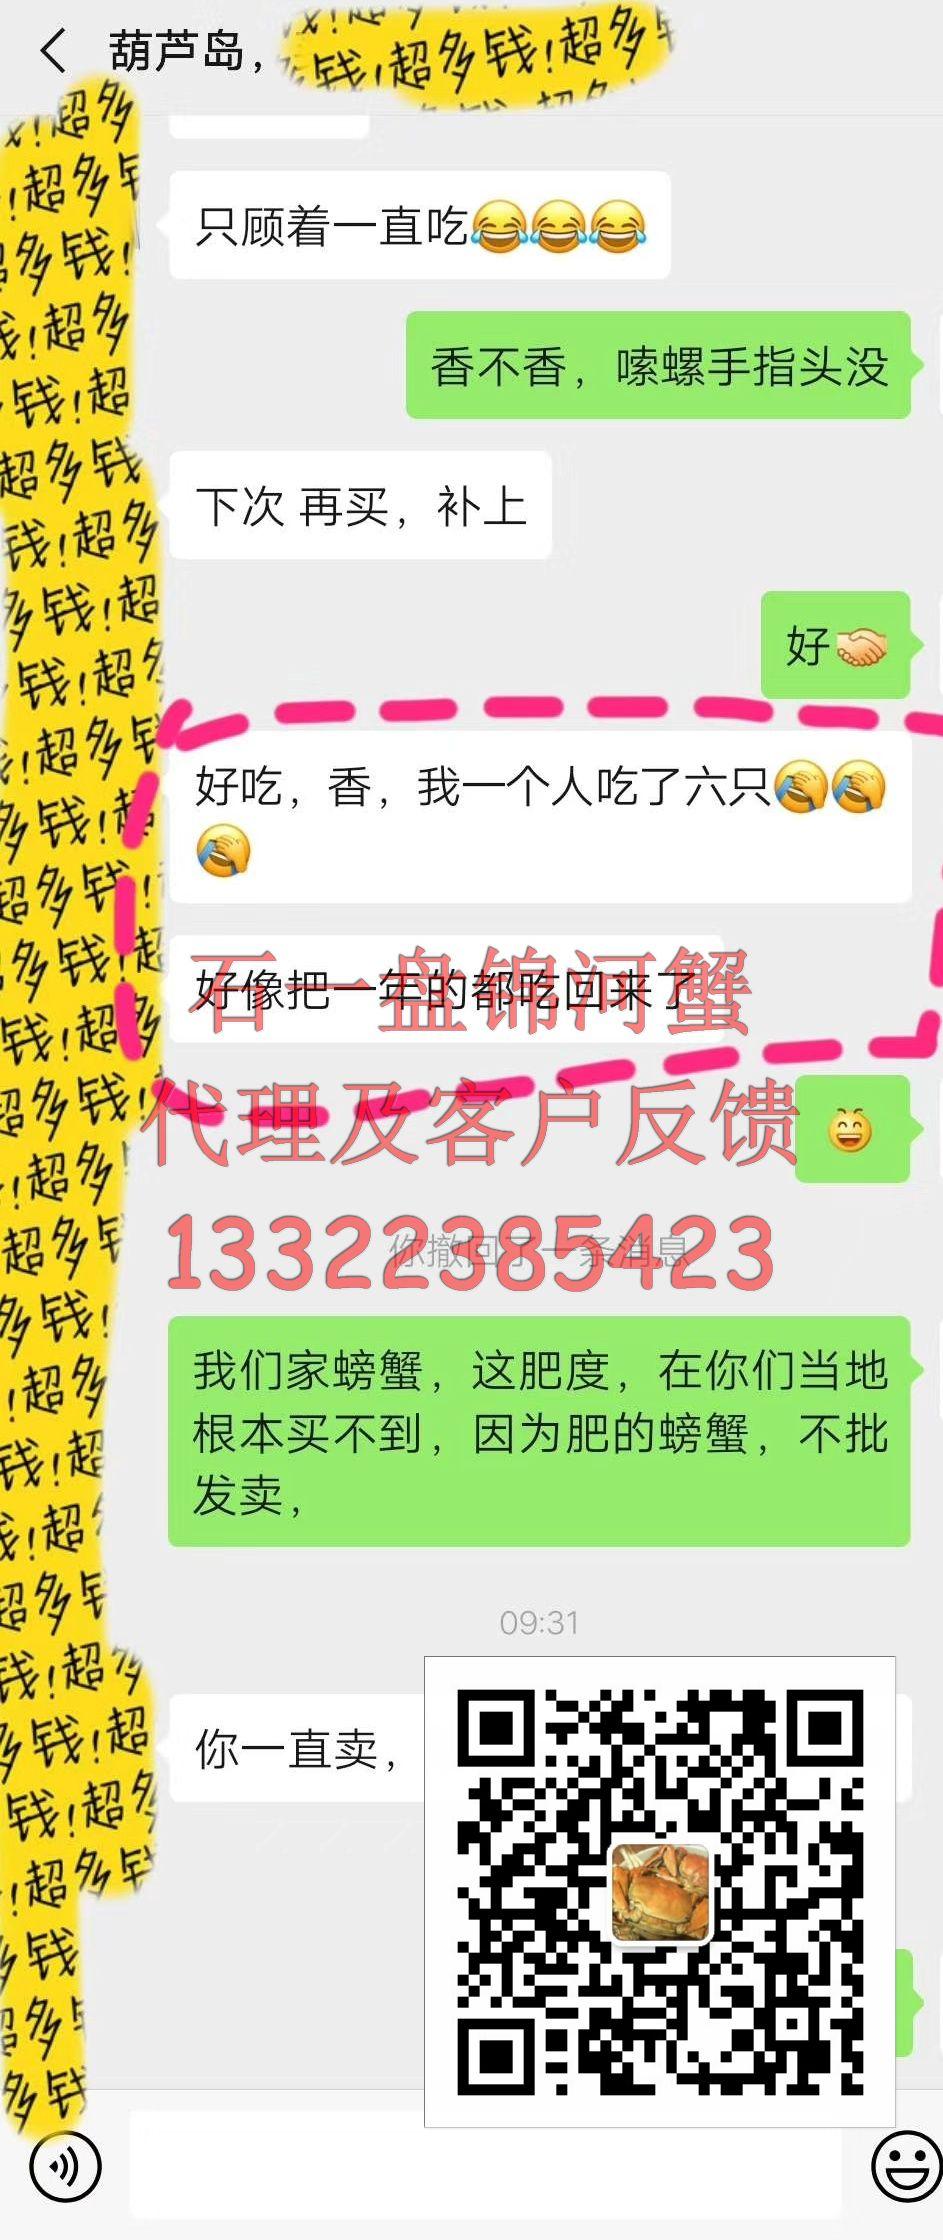 盘锦2两河蟹零售价多少钱一斤?